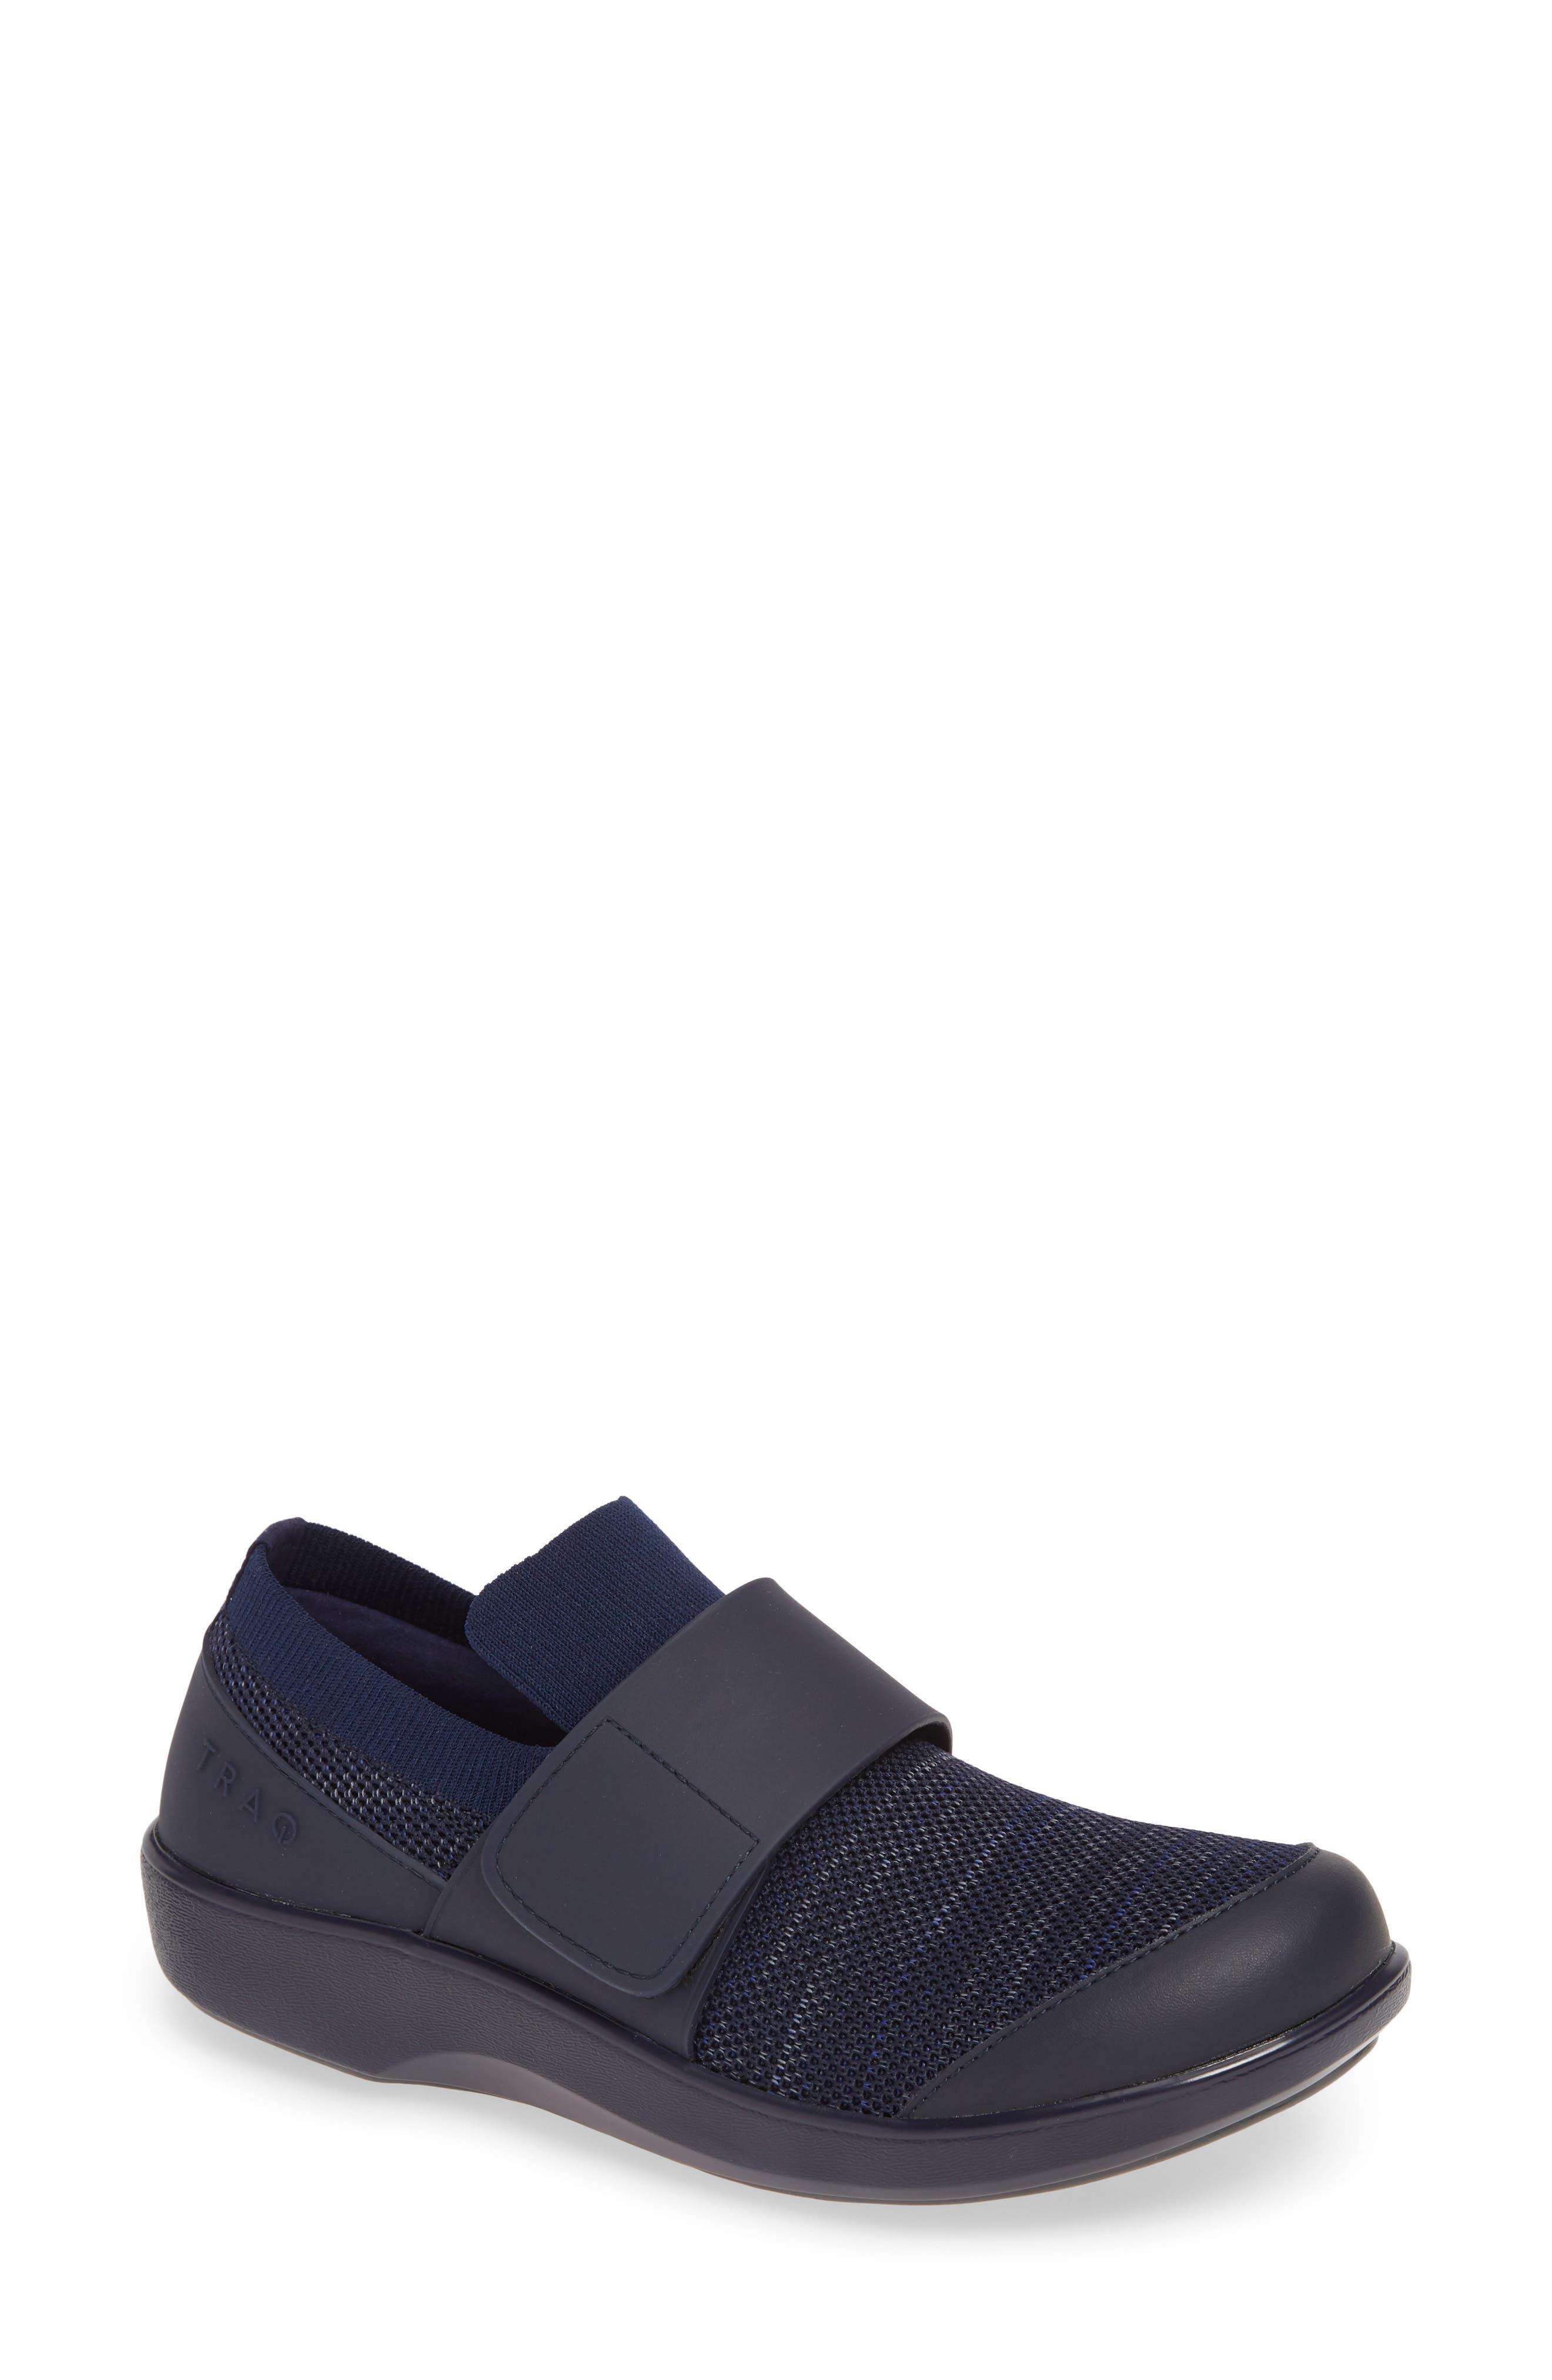 Alegria Qwik Sneaker - Blue